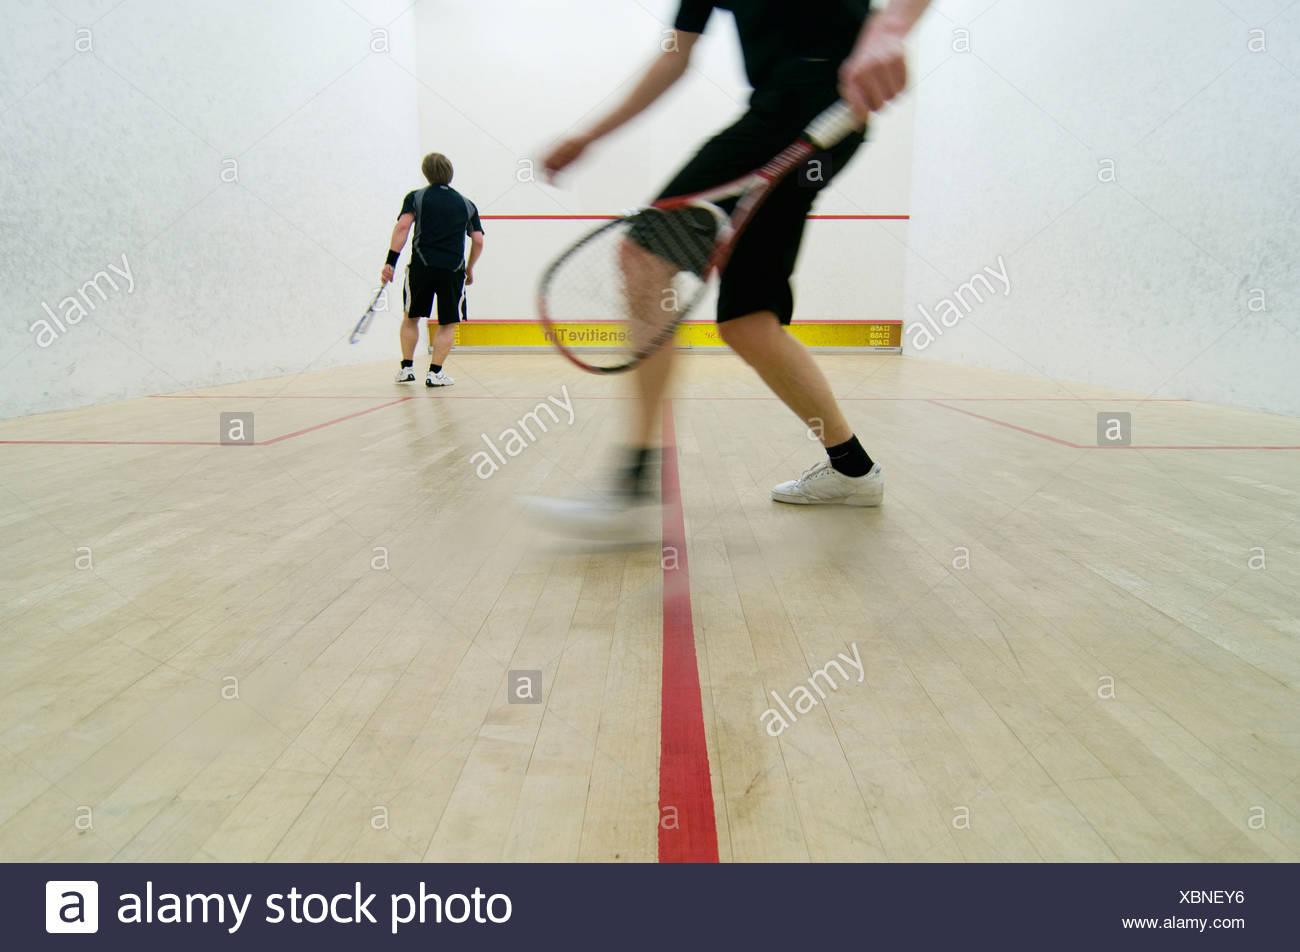 Two men playing squash - Stock Image